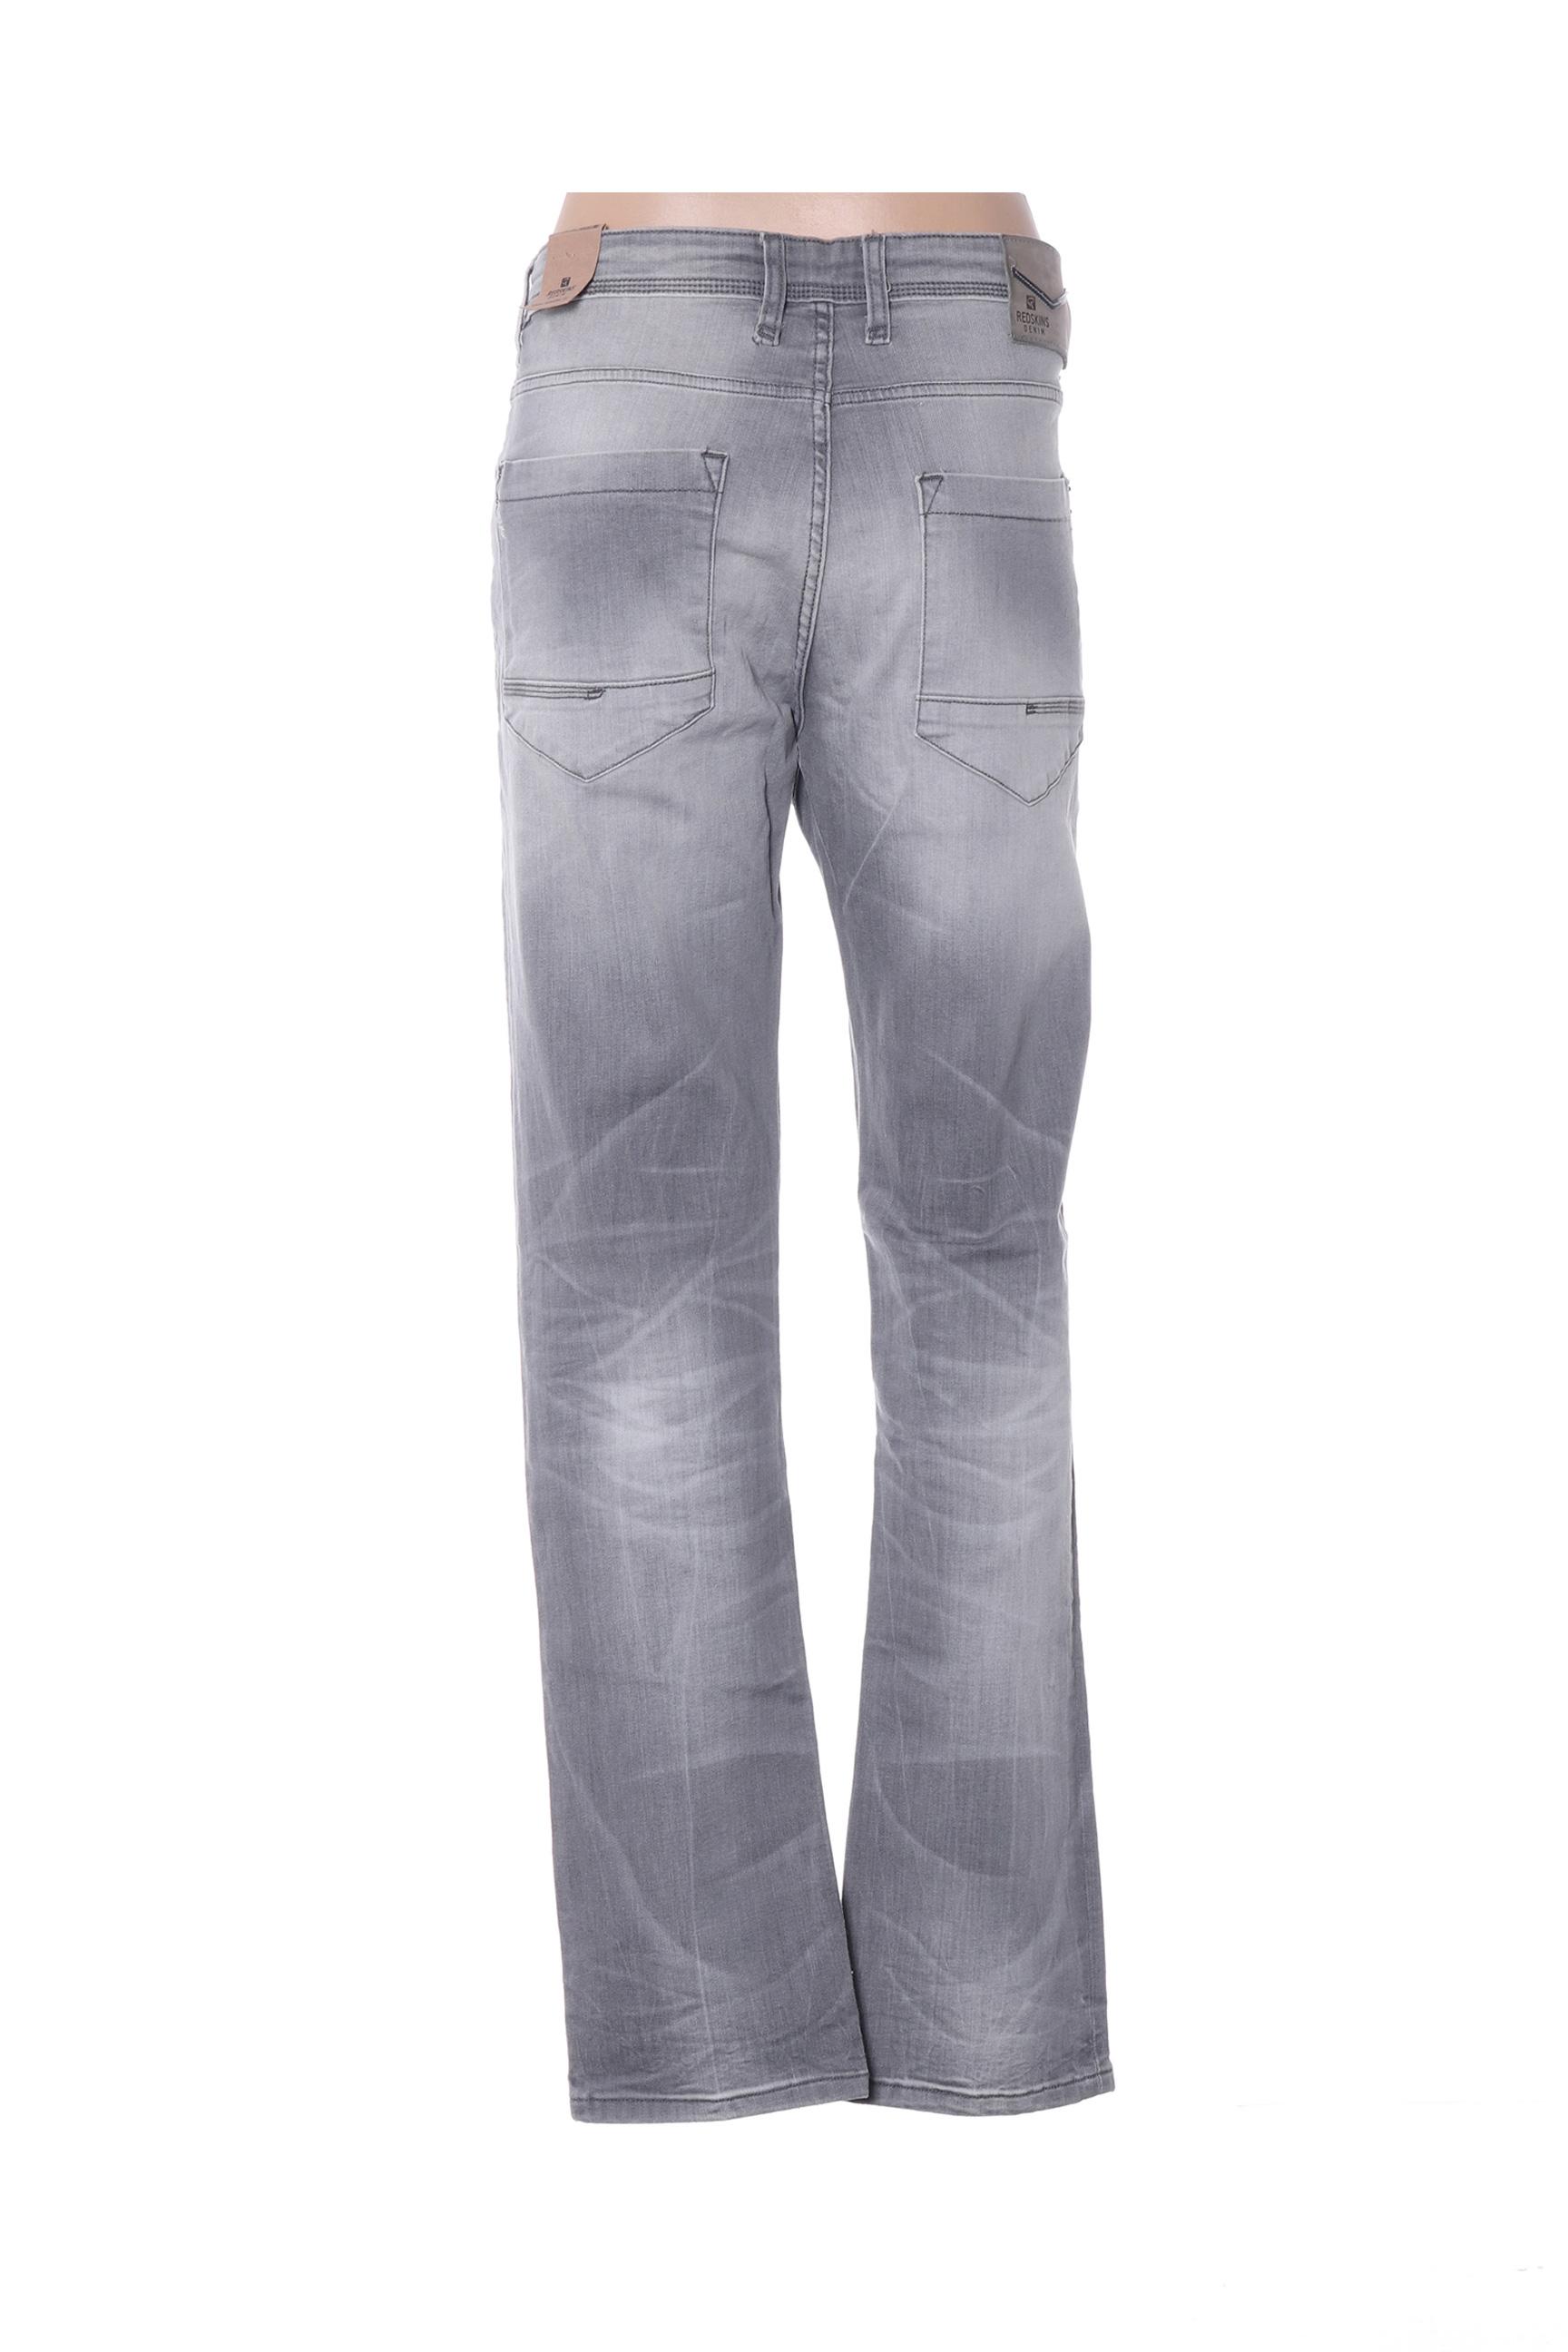 Redskins Jeans Coupe Droite Femme De Couleur Gris En Soldes Pas Cher 1386716-gris00